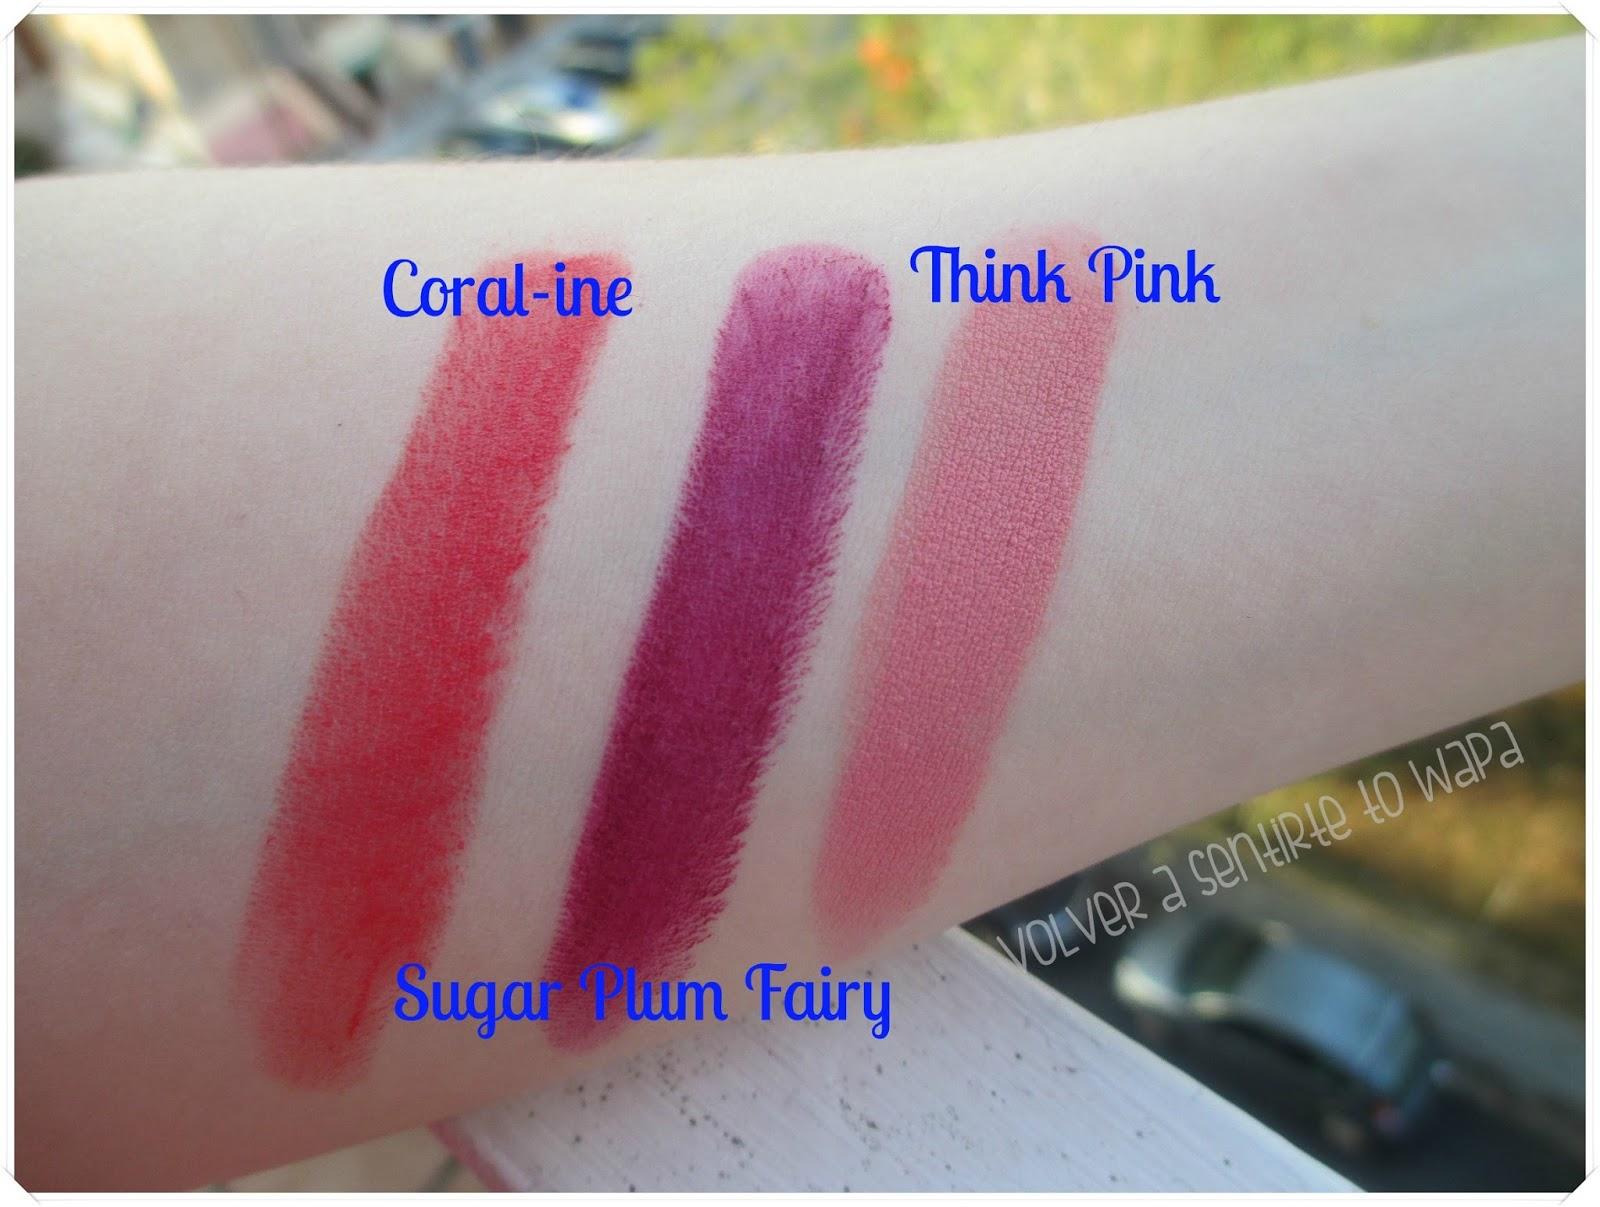 Labiales MegaLast Lip Color de Wet n' Wild - Swatches